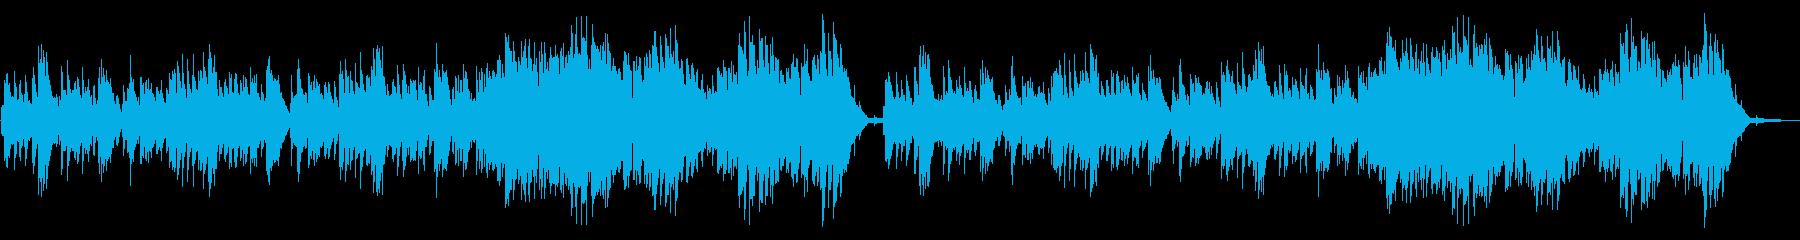 静か、単調なピアノソロの再生済みの波形